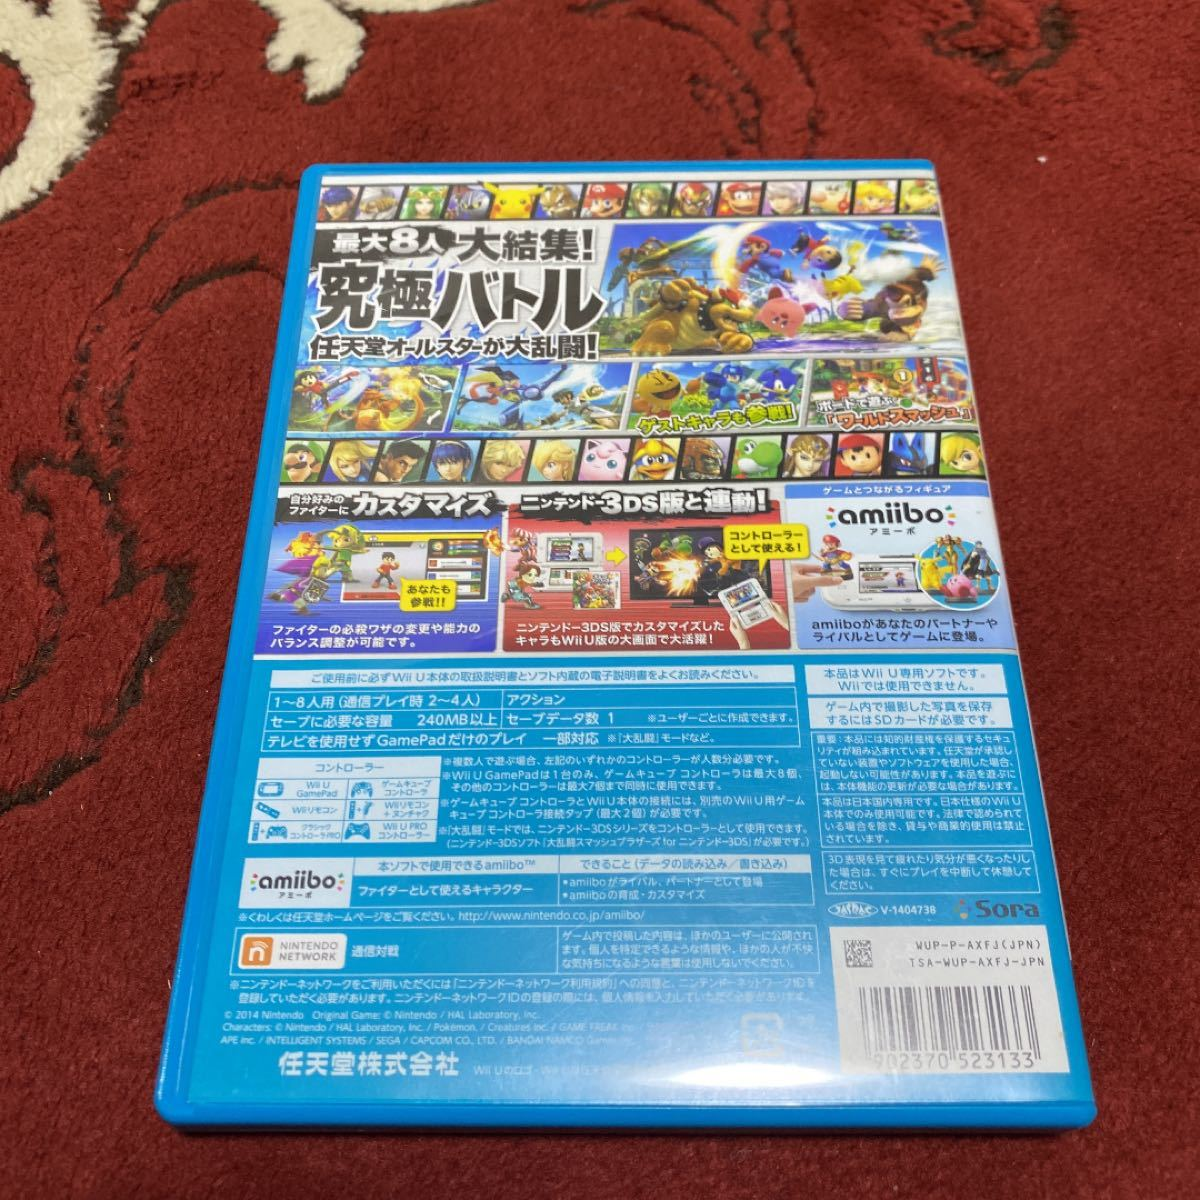 「大乱闘スマッシュブラザーズ for WiiU」